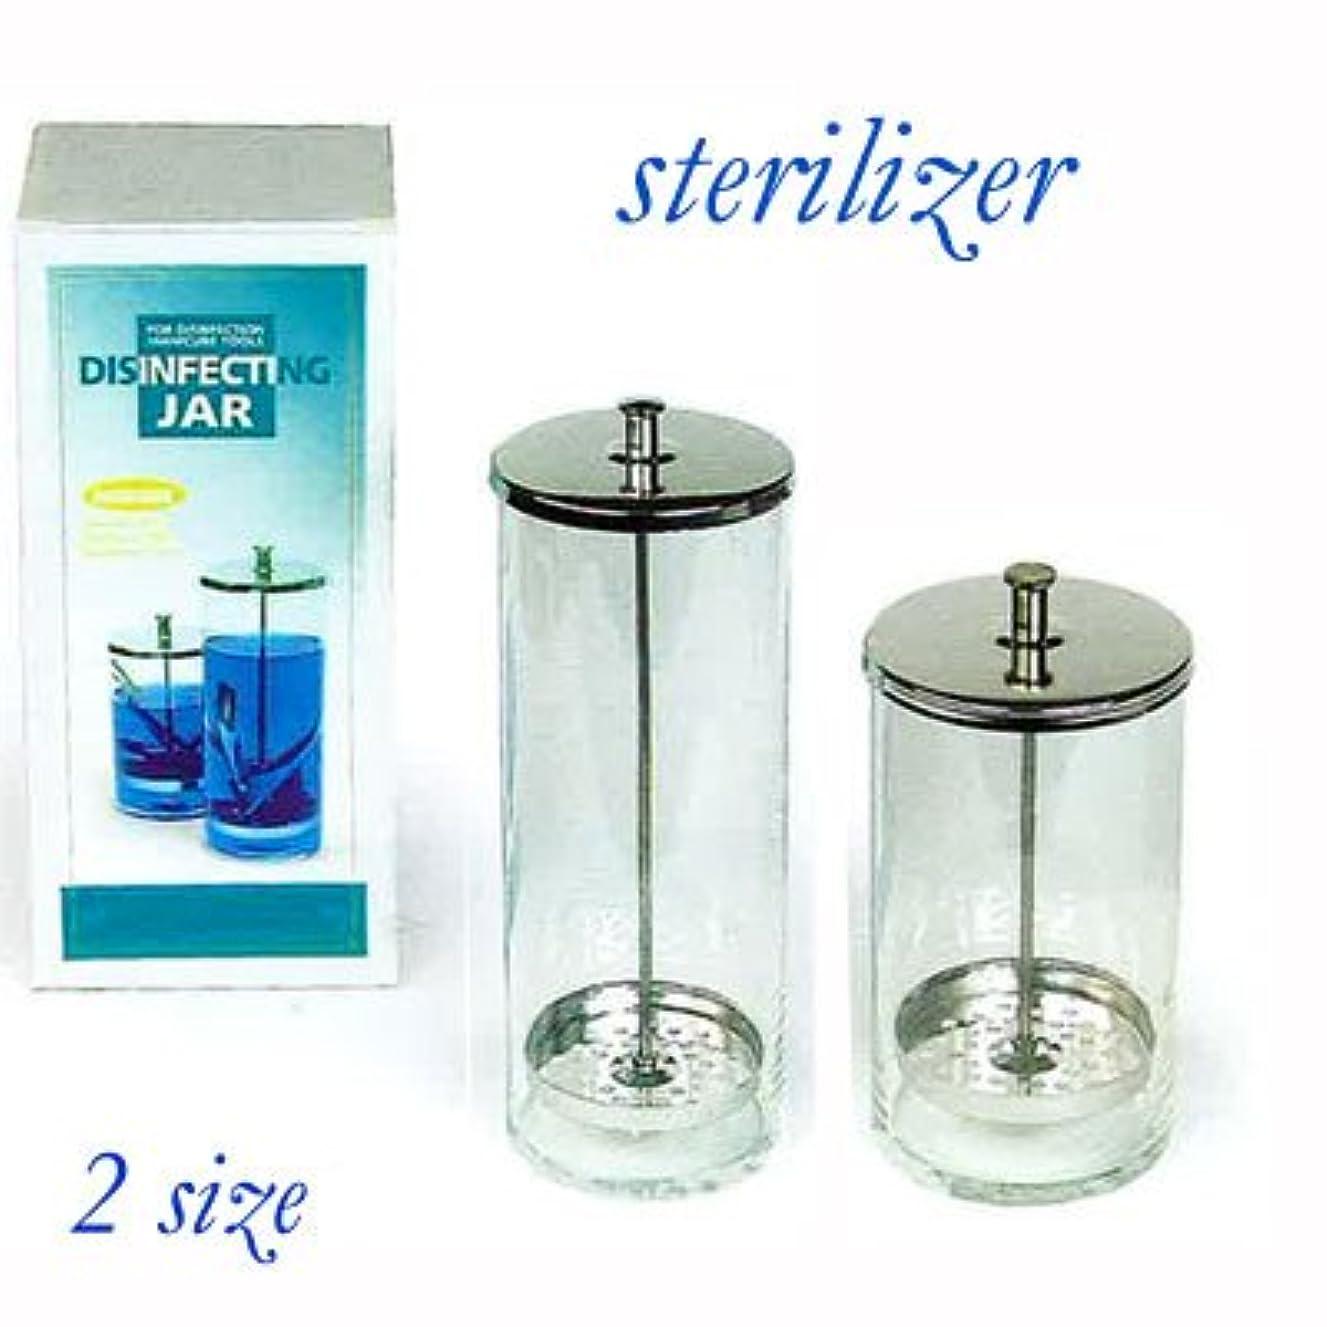 ファイアル印象的な成果ステリライザー 器具消毒用 Lサイズ935ml / ネイルサロン衛生用品、検定用にも